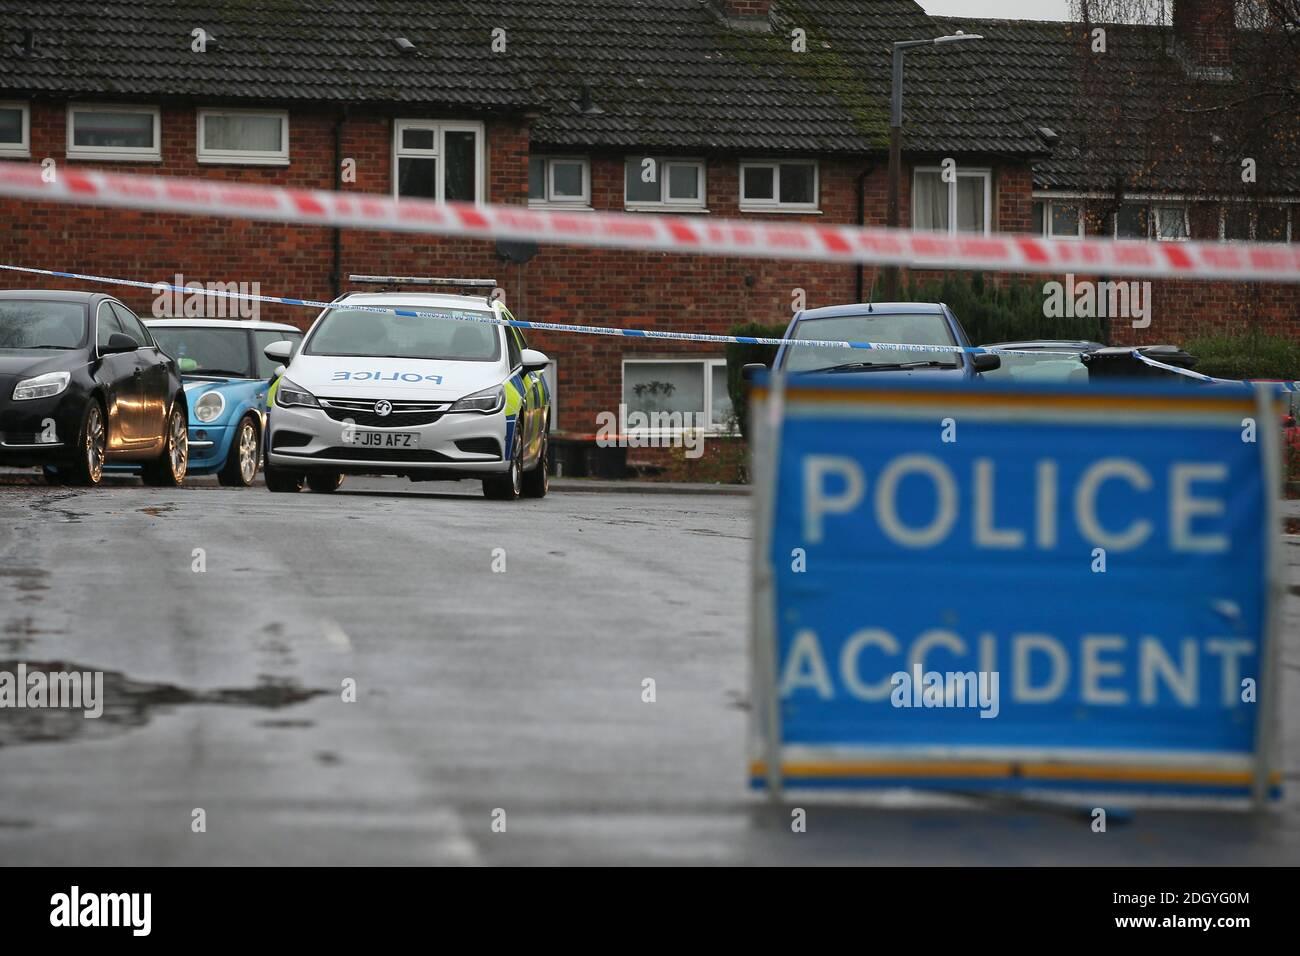 Panneau d'accident de la police, Nottingham, jeudi 3 décembre 2020. Banque D'Images